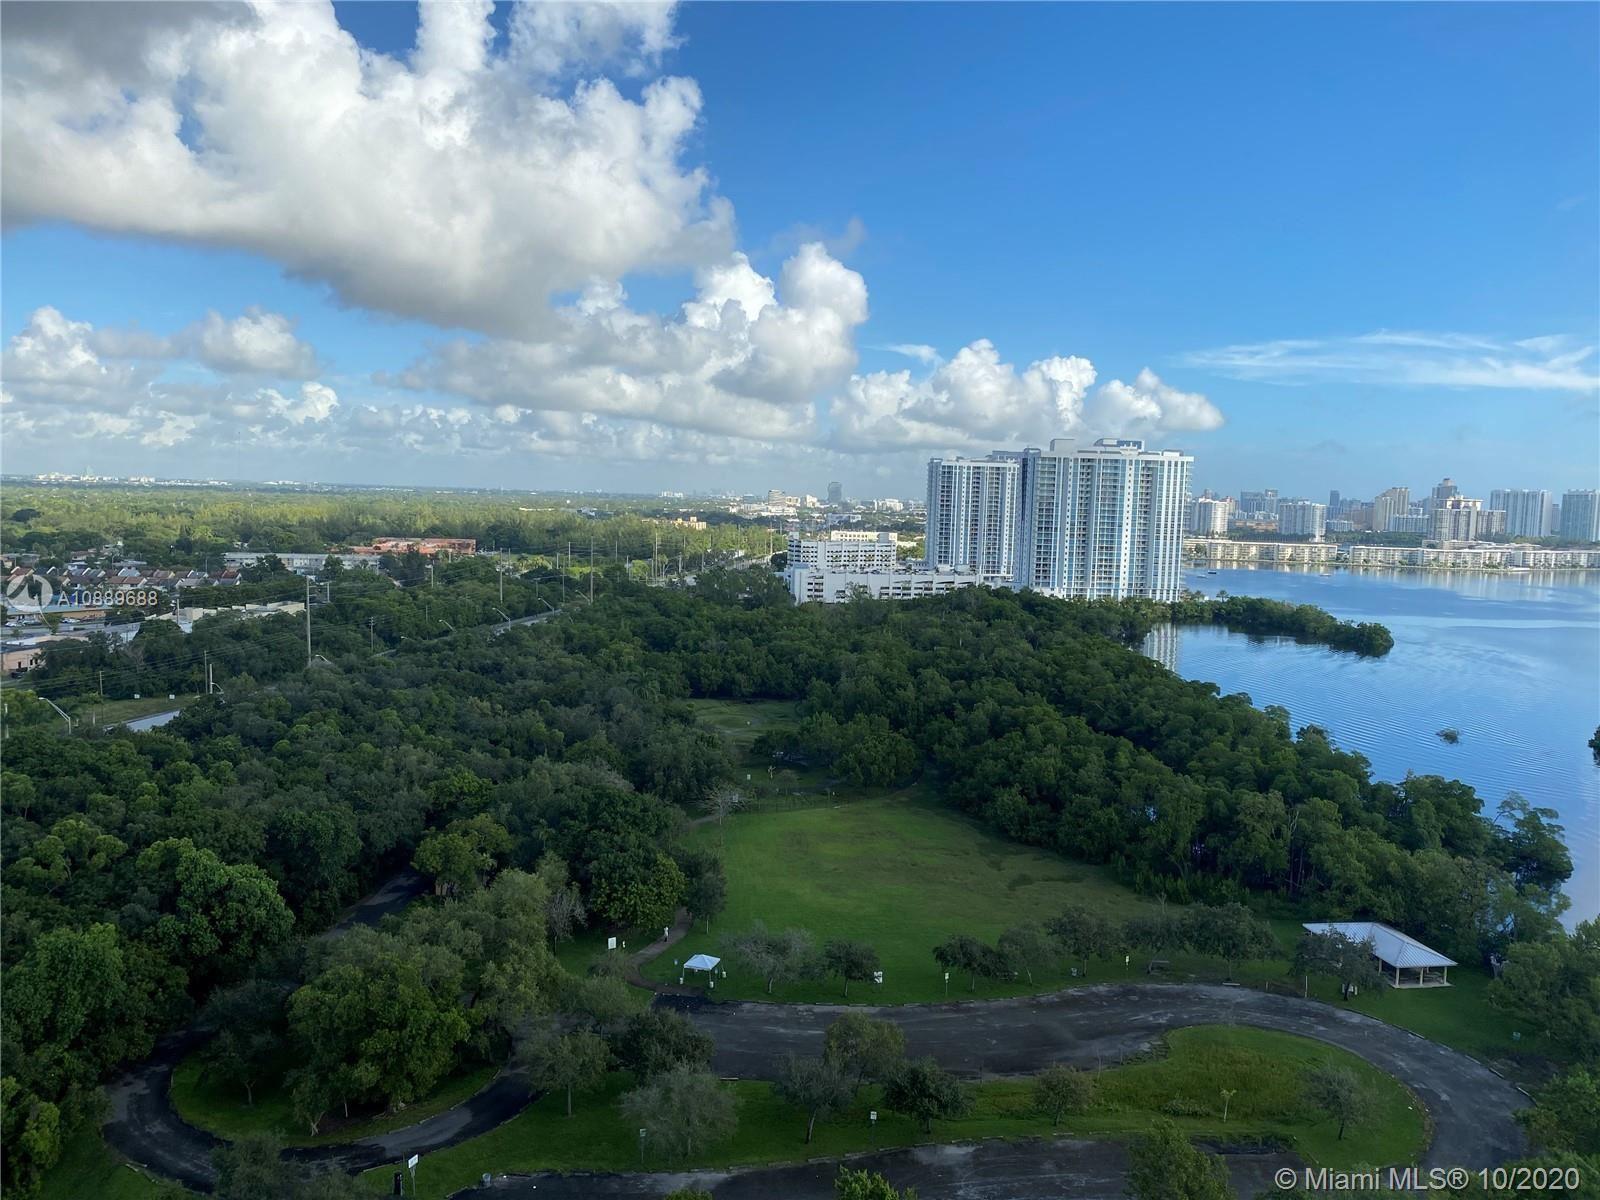 Photo of 16385 Biscayne Blvd #1903, North Miami Beach, FL 33160 (MLS # A10889688)